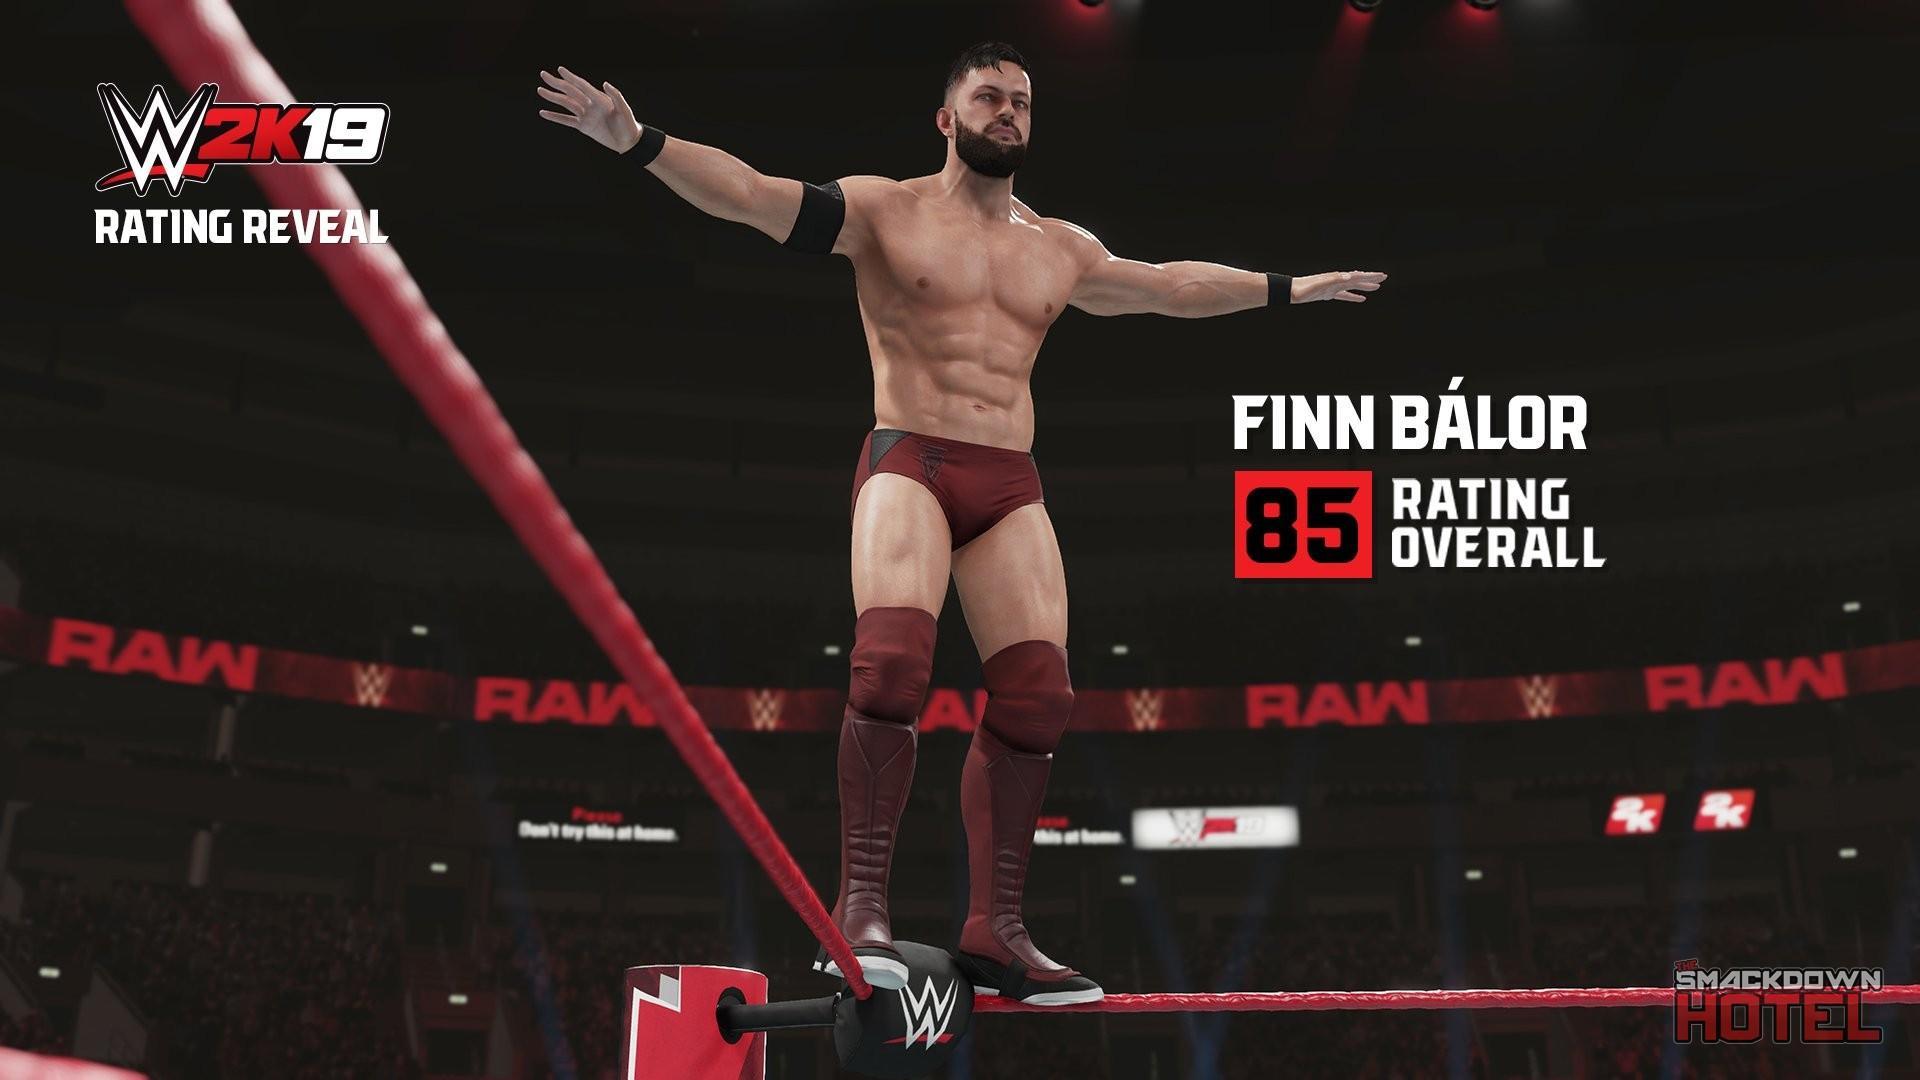 WWE2K19_RatingReveal_FinnBalor-15351-108